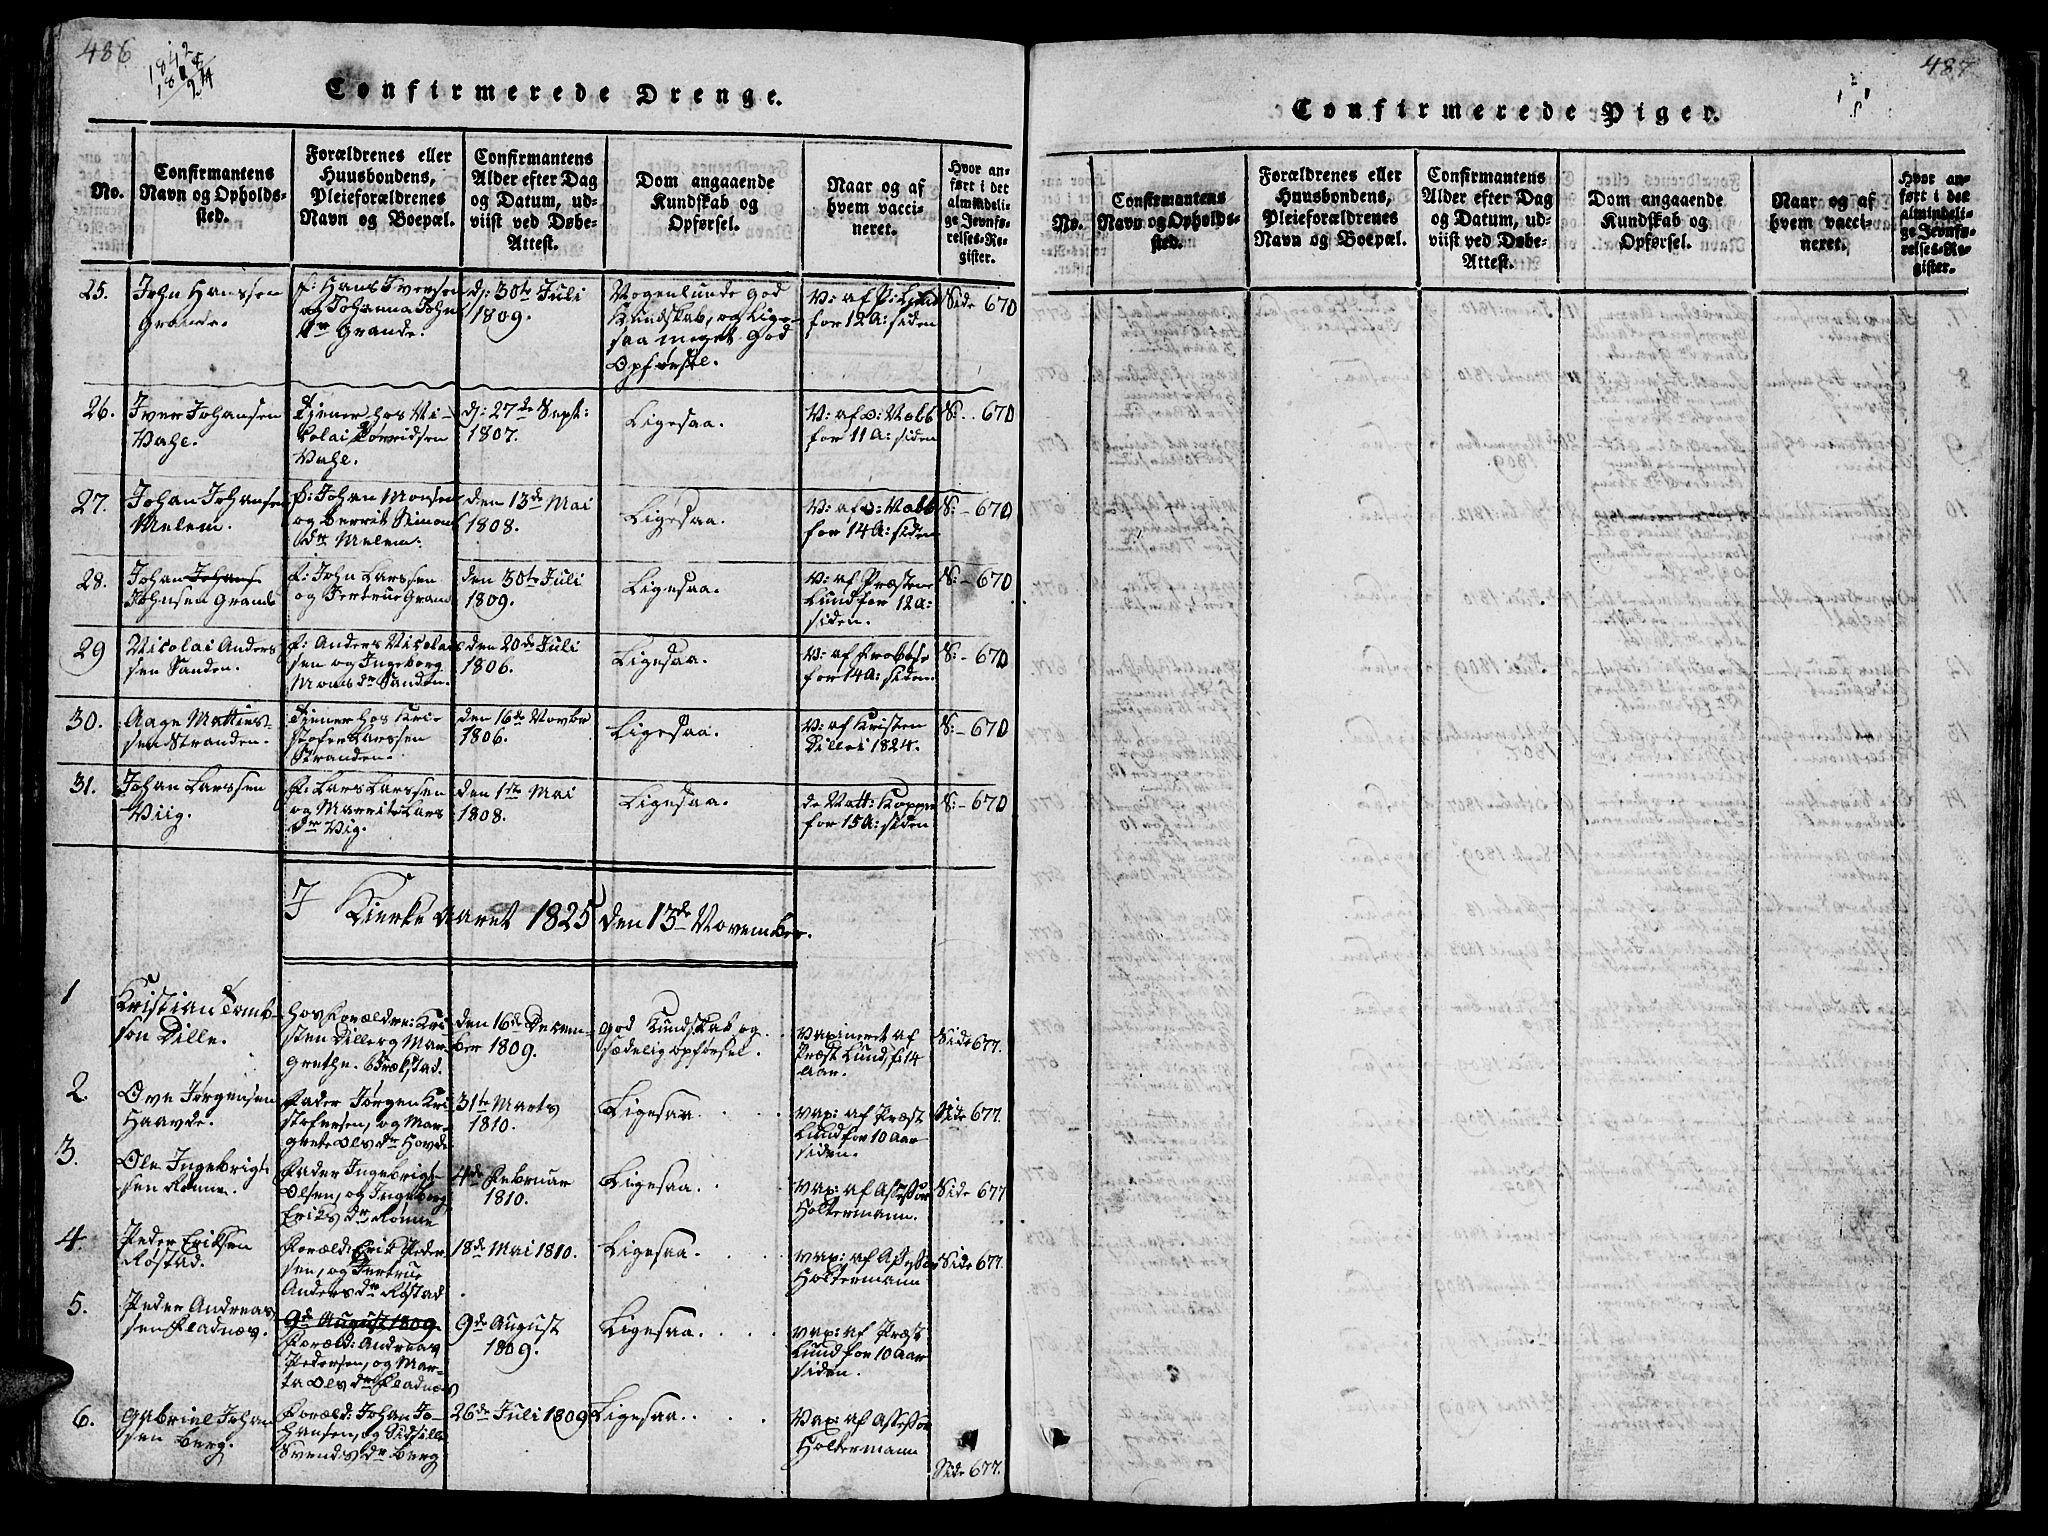 SAT, Ministerialprotokoller, klokkerbøker og fødselsregistre - Sør-Trøndelag, 659/L0744: Klokkerbok nr. 659C01, 1818-1825, s. 486-487